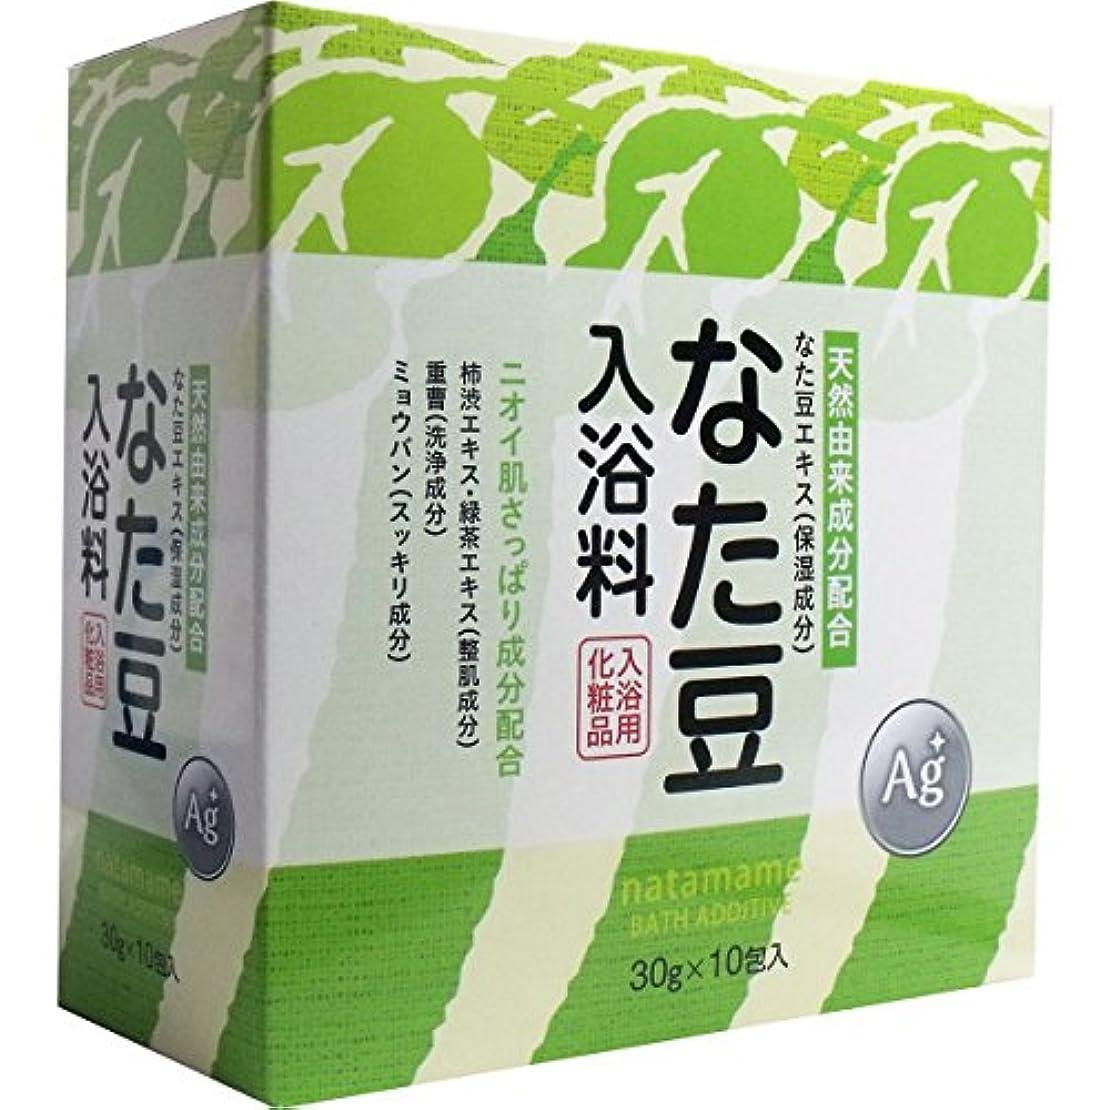 ブラウススプレーピザなた豆入浴料 入浴用化粧品 30g×10包入×6